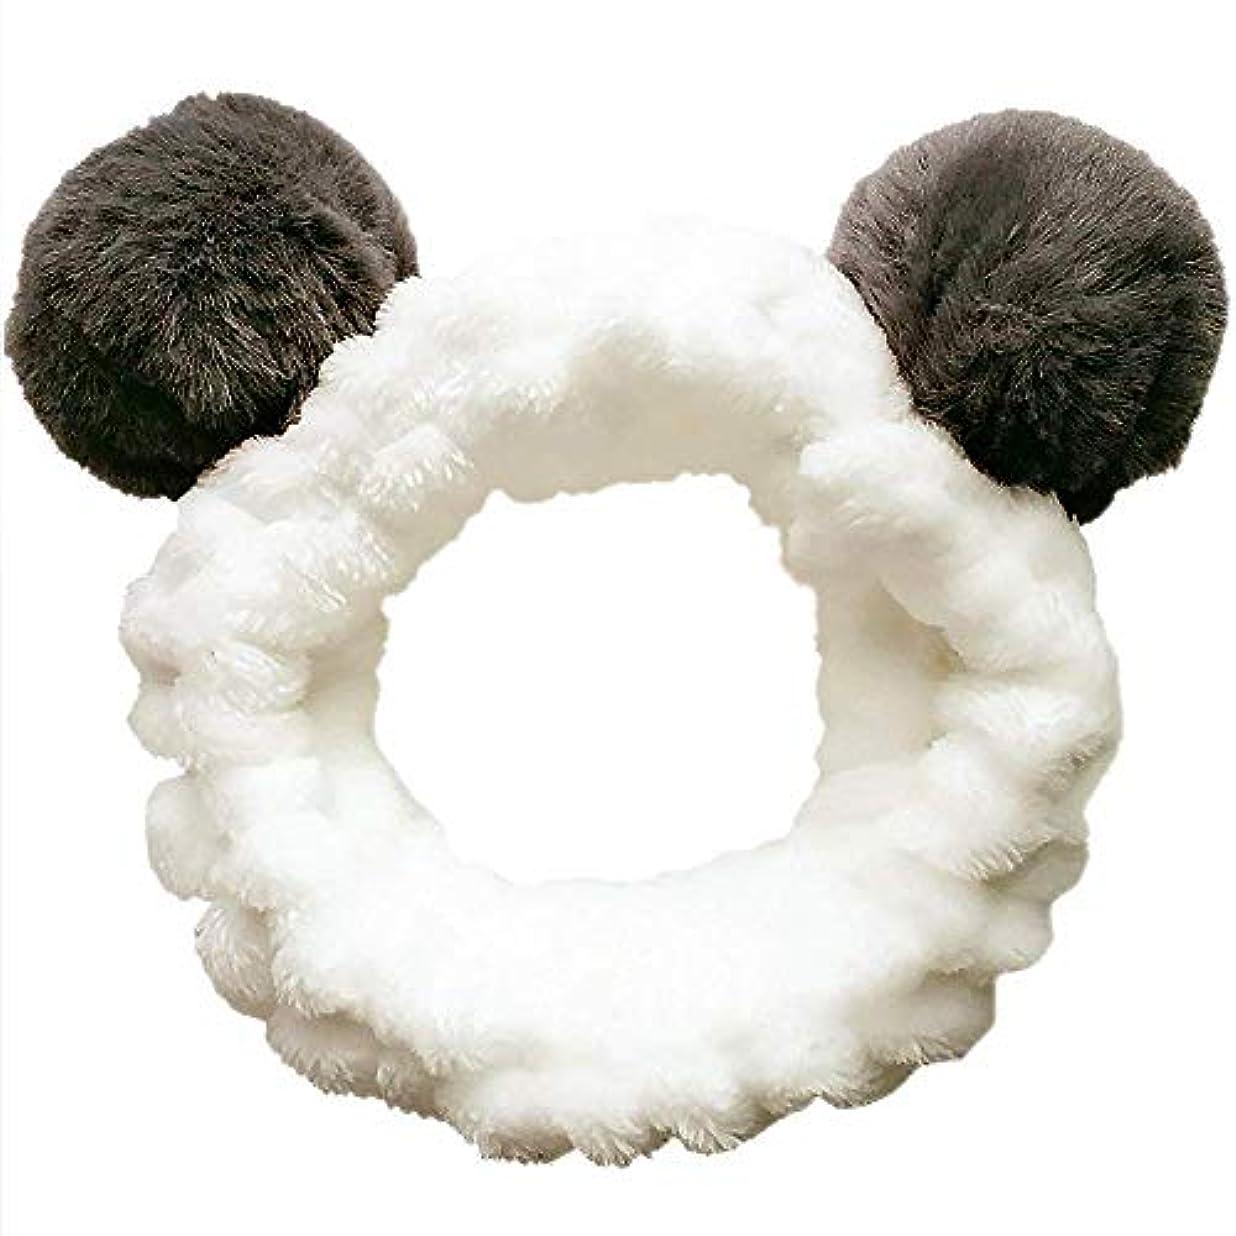 に対して起こりやすい進化するヘアバンド 洗顔 動物 パンダ型 柔らかい 吸水 ターバン レディース ヘアアレンジ 伸縮性あり アニマル ふわふわ